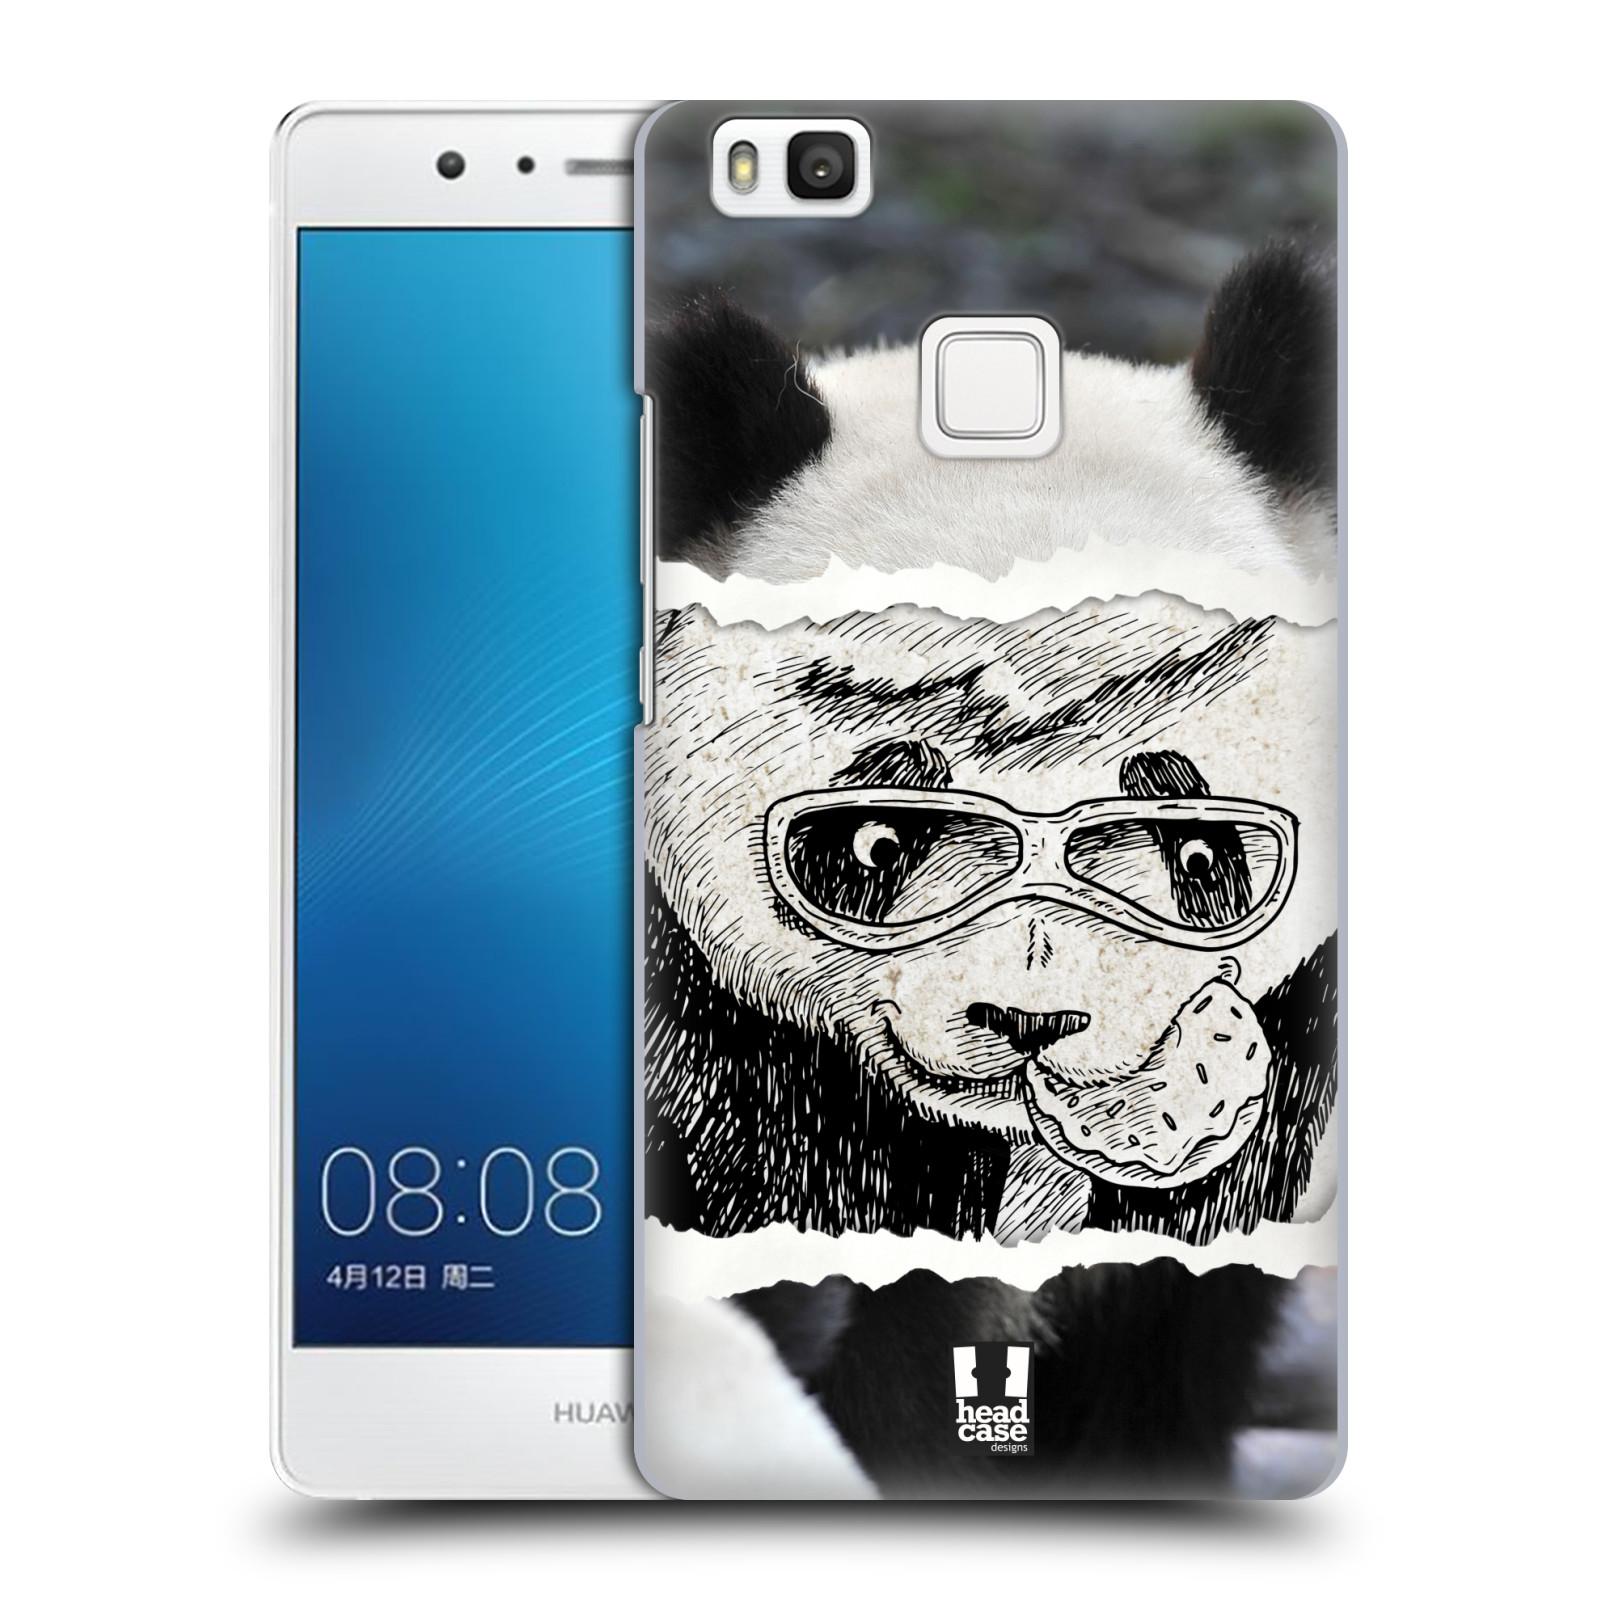 HEAD CASE plastový obal na mobil Huawei P9 LITE / P9 LITE DUAL SIM vzor zvířata koláž roztomilá panda